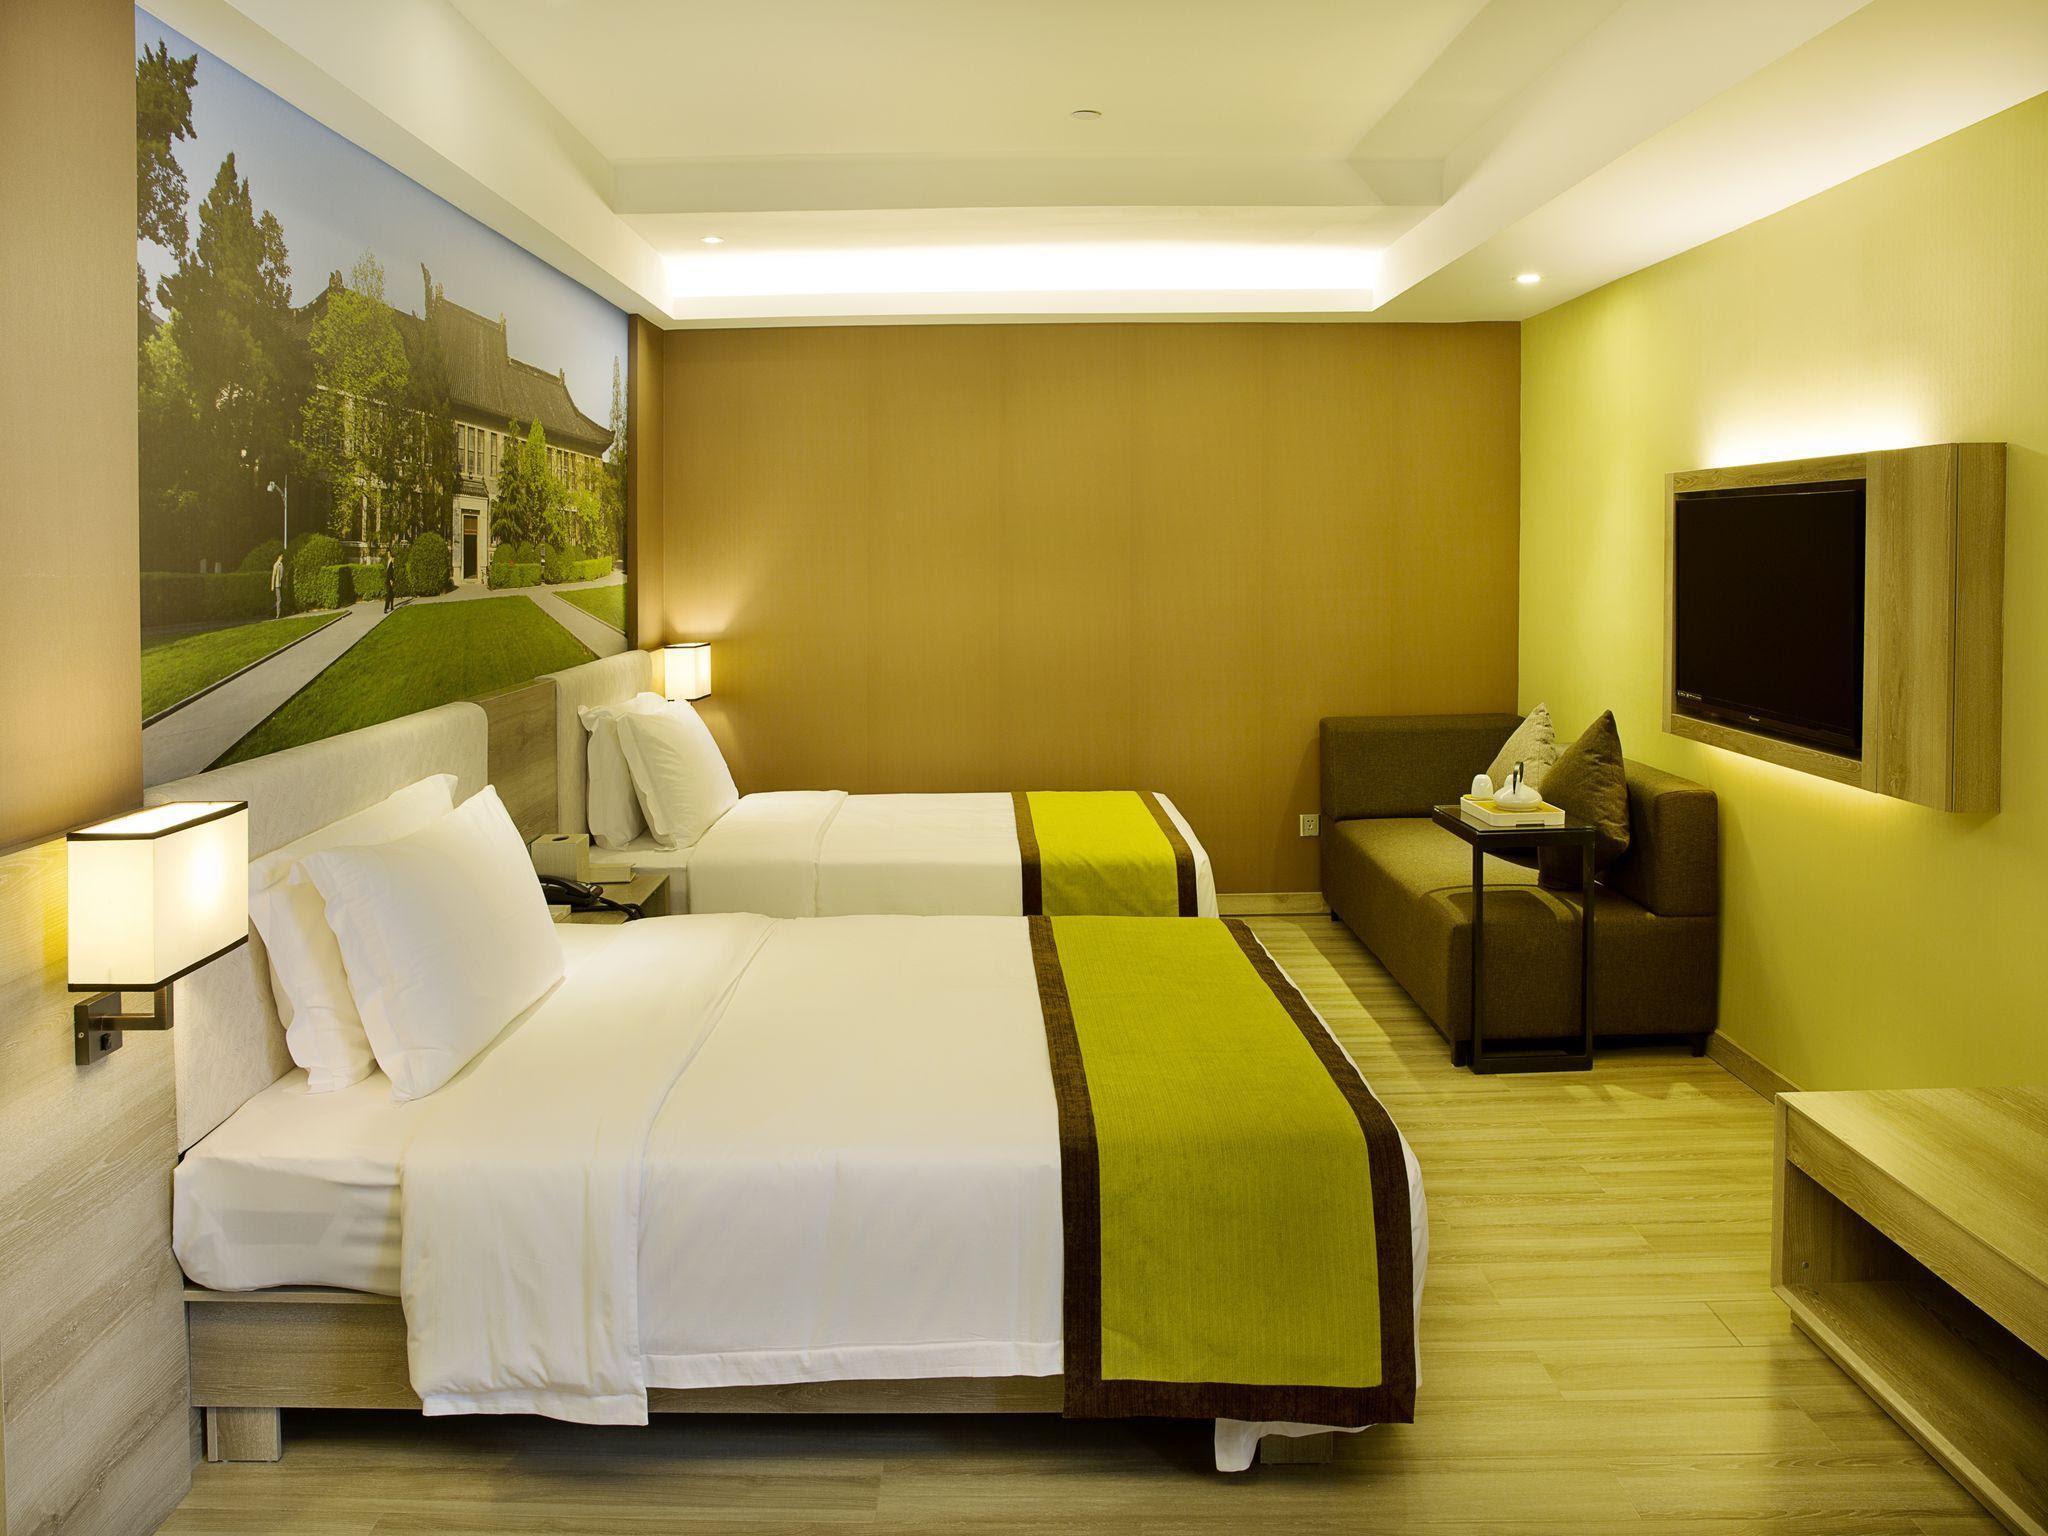 Atour Hotel Nanjing Zongtongfu Reviews